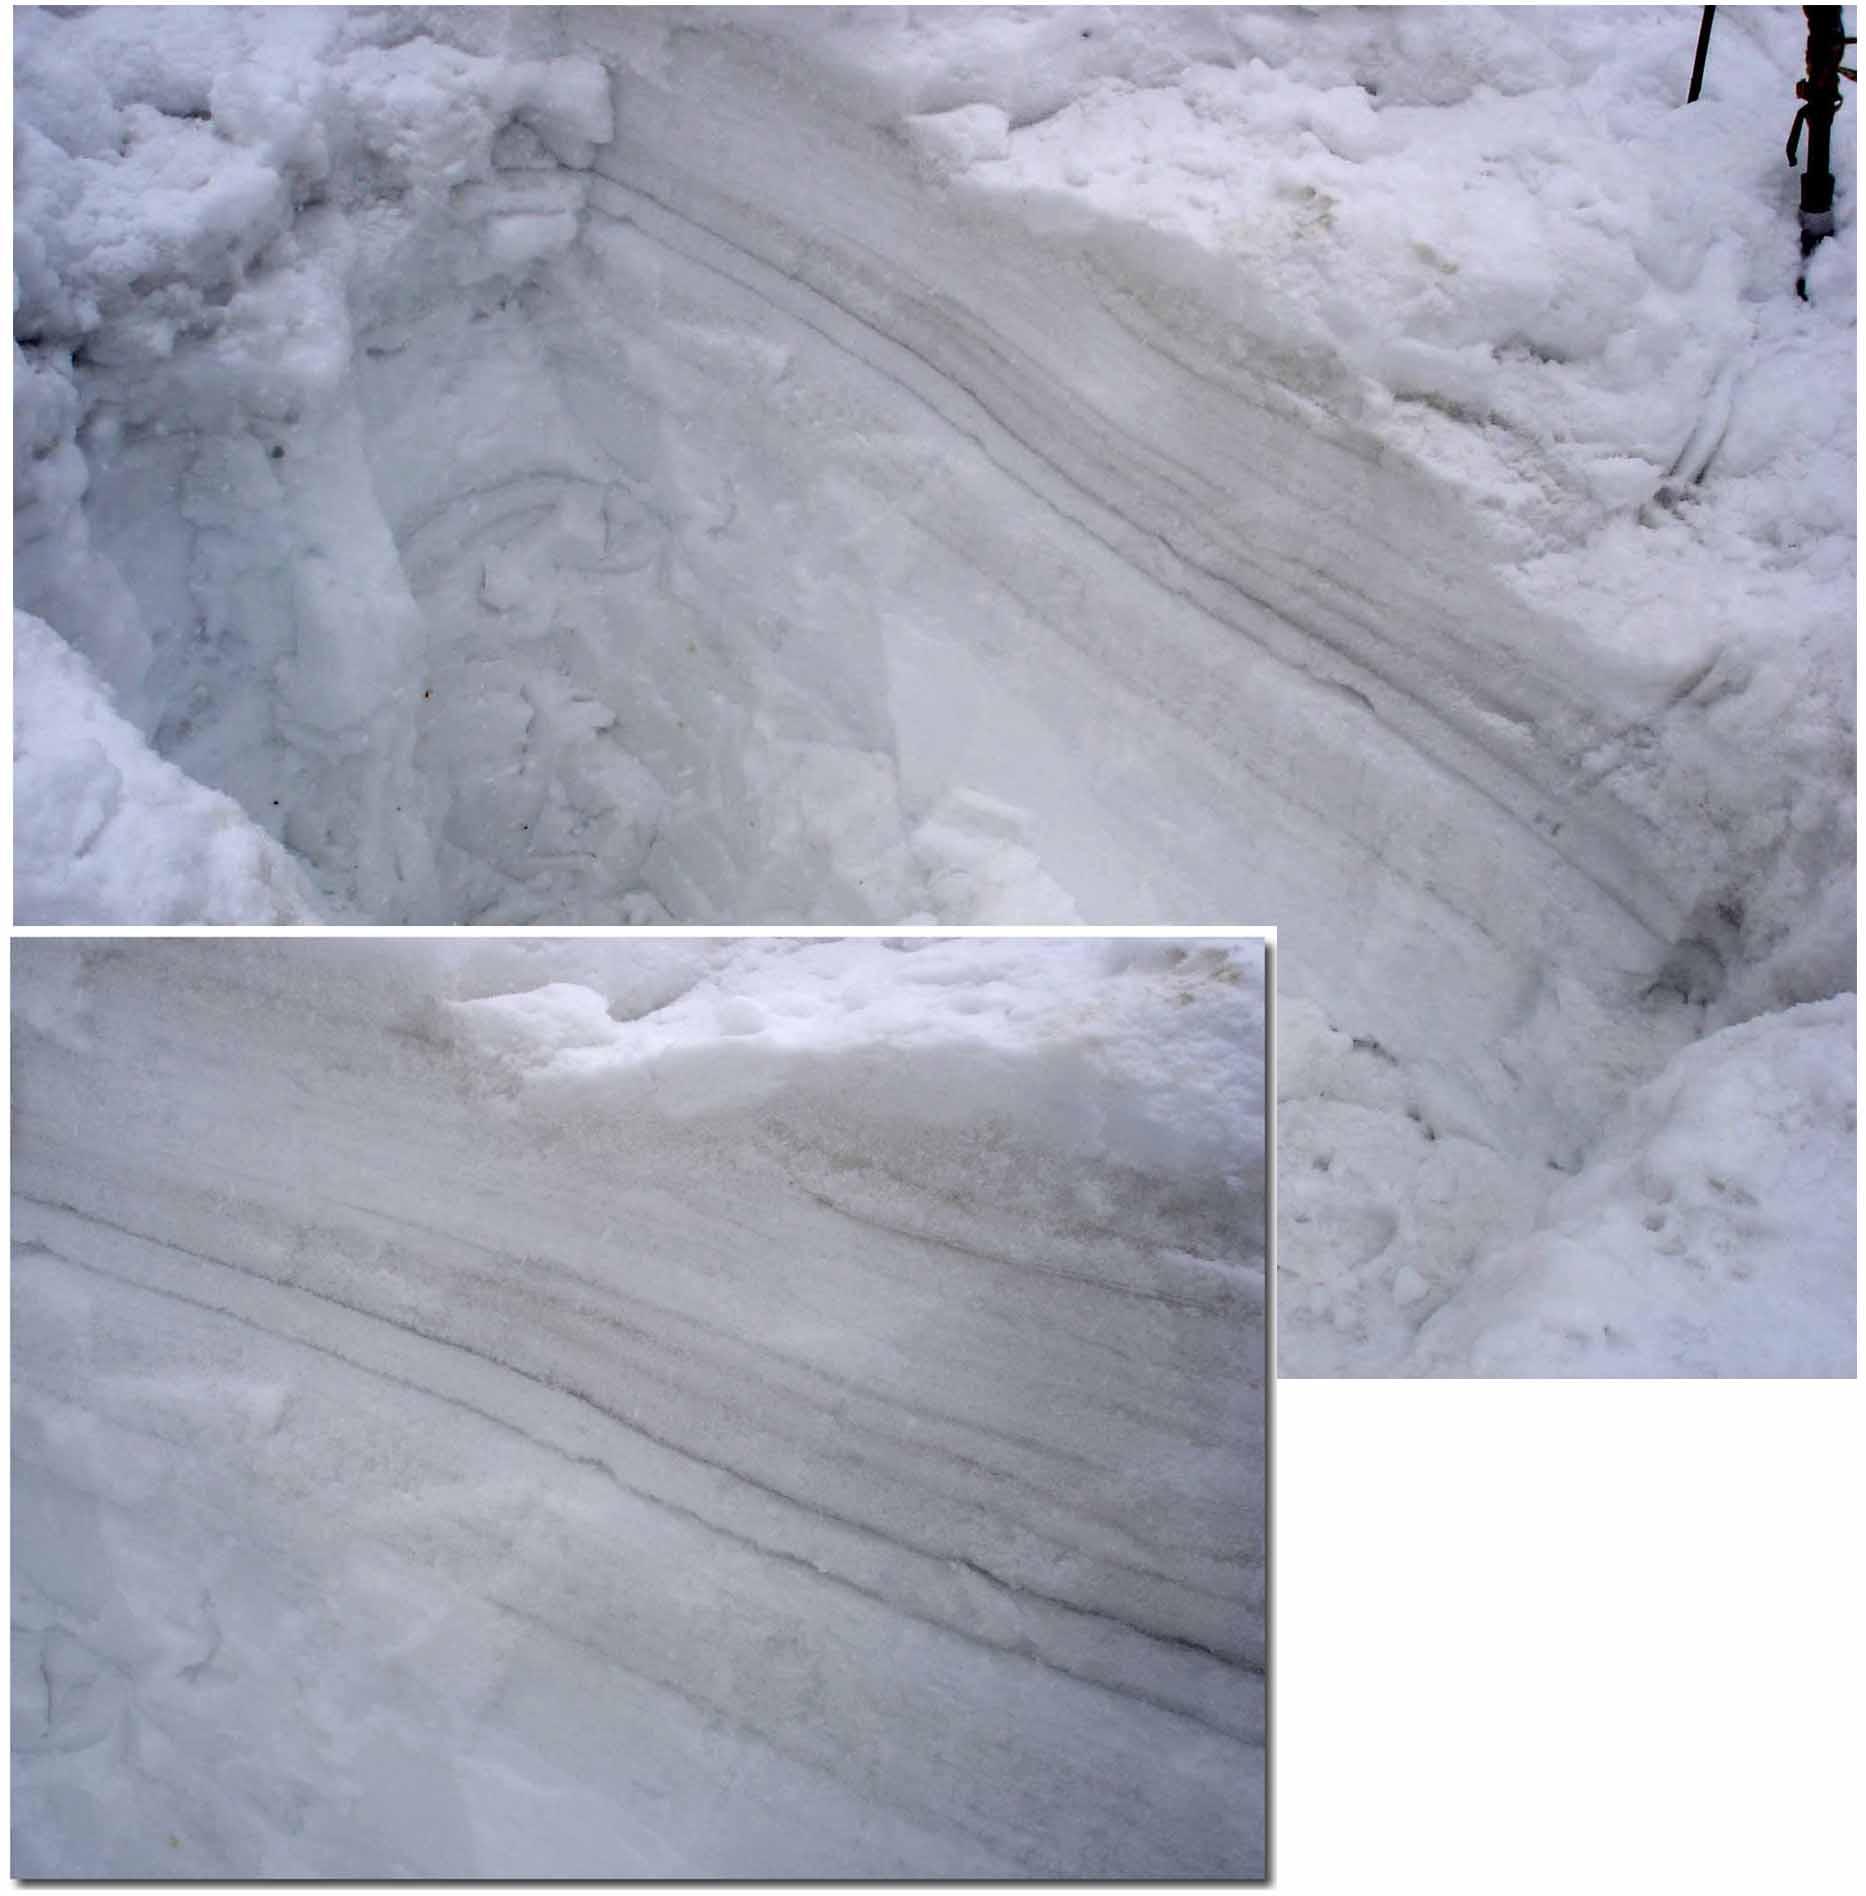 積雪上部に顕著な氷層